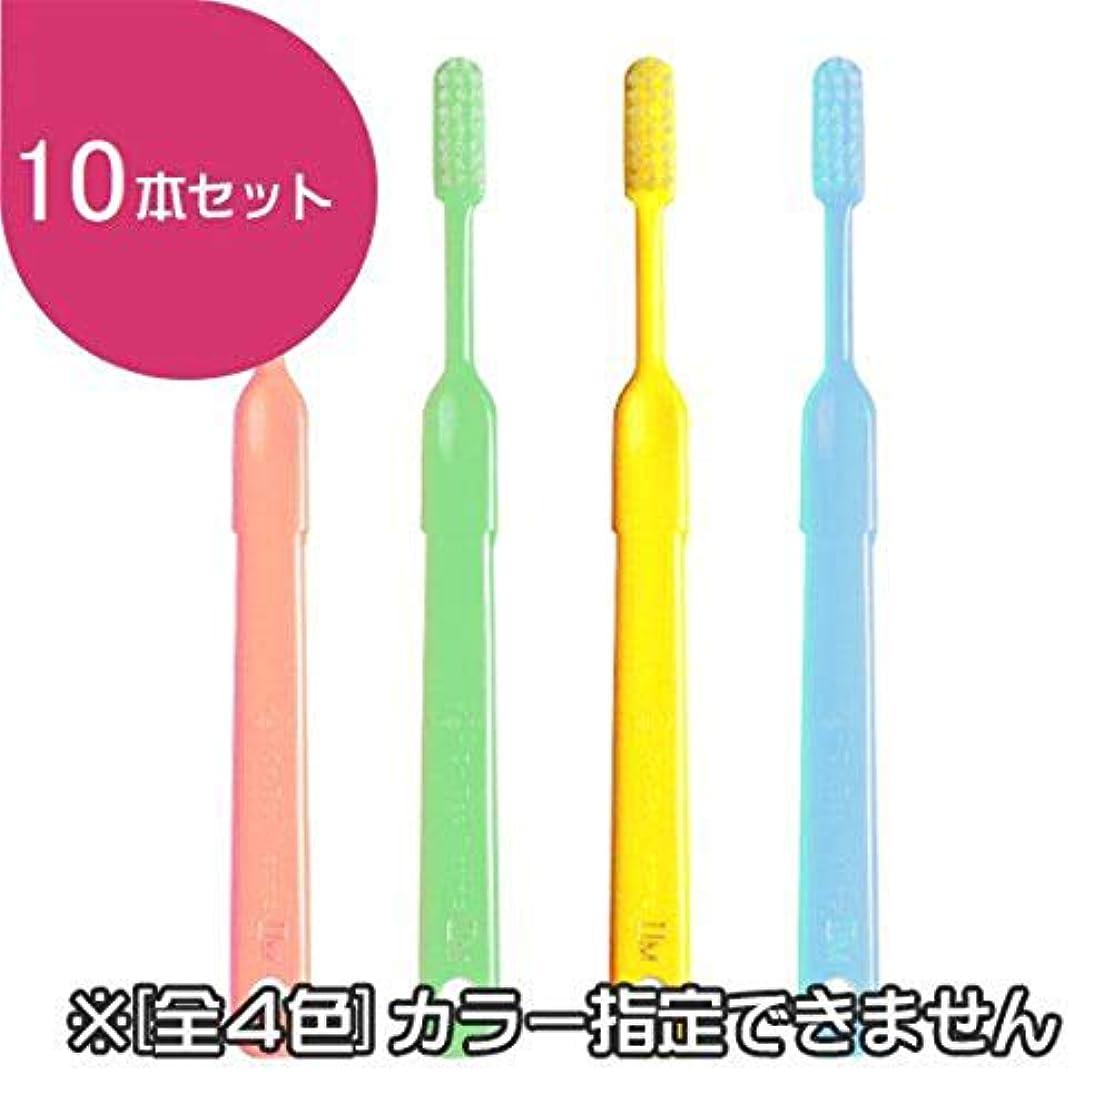 ビーブランド ドクター ビーヤング2 歯ブラシ 10本(ミディアム)